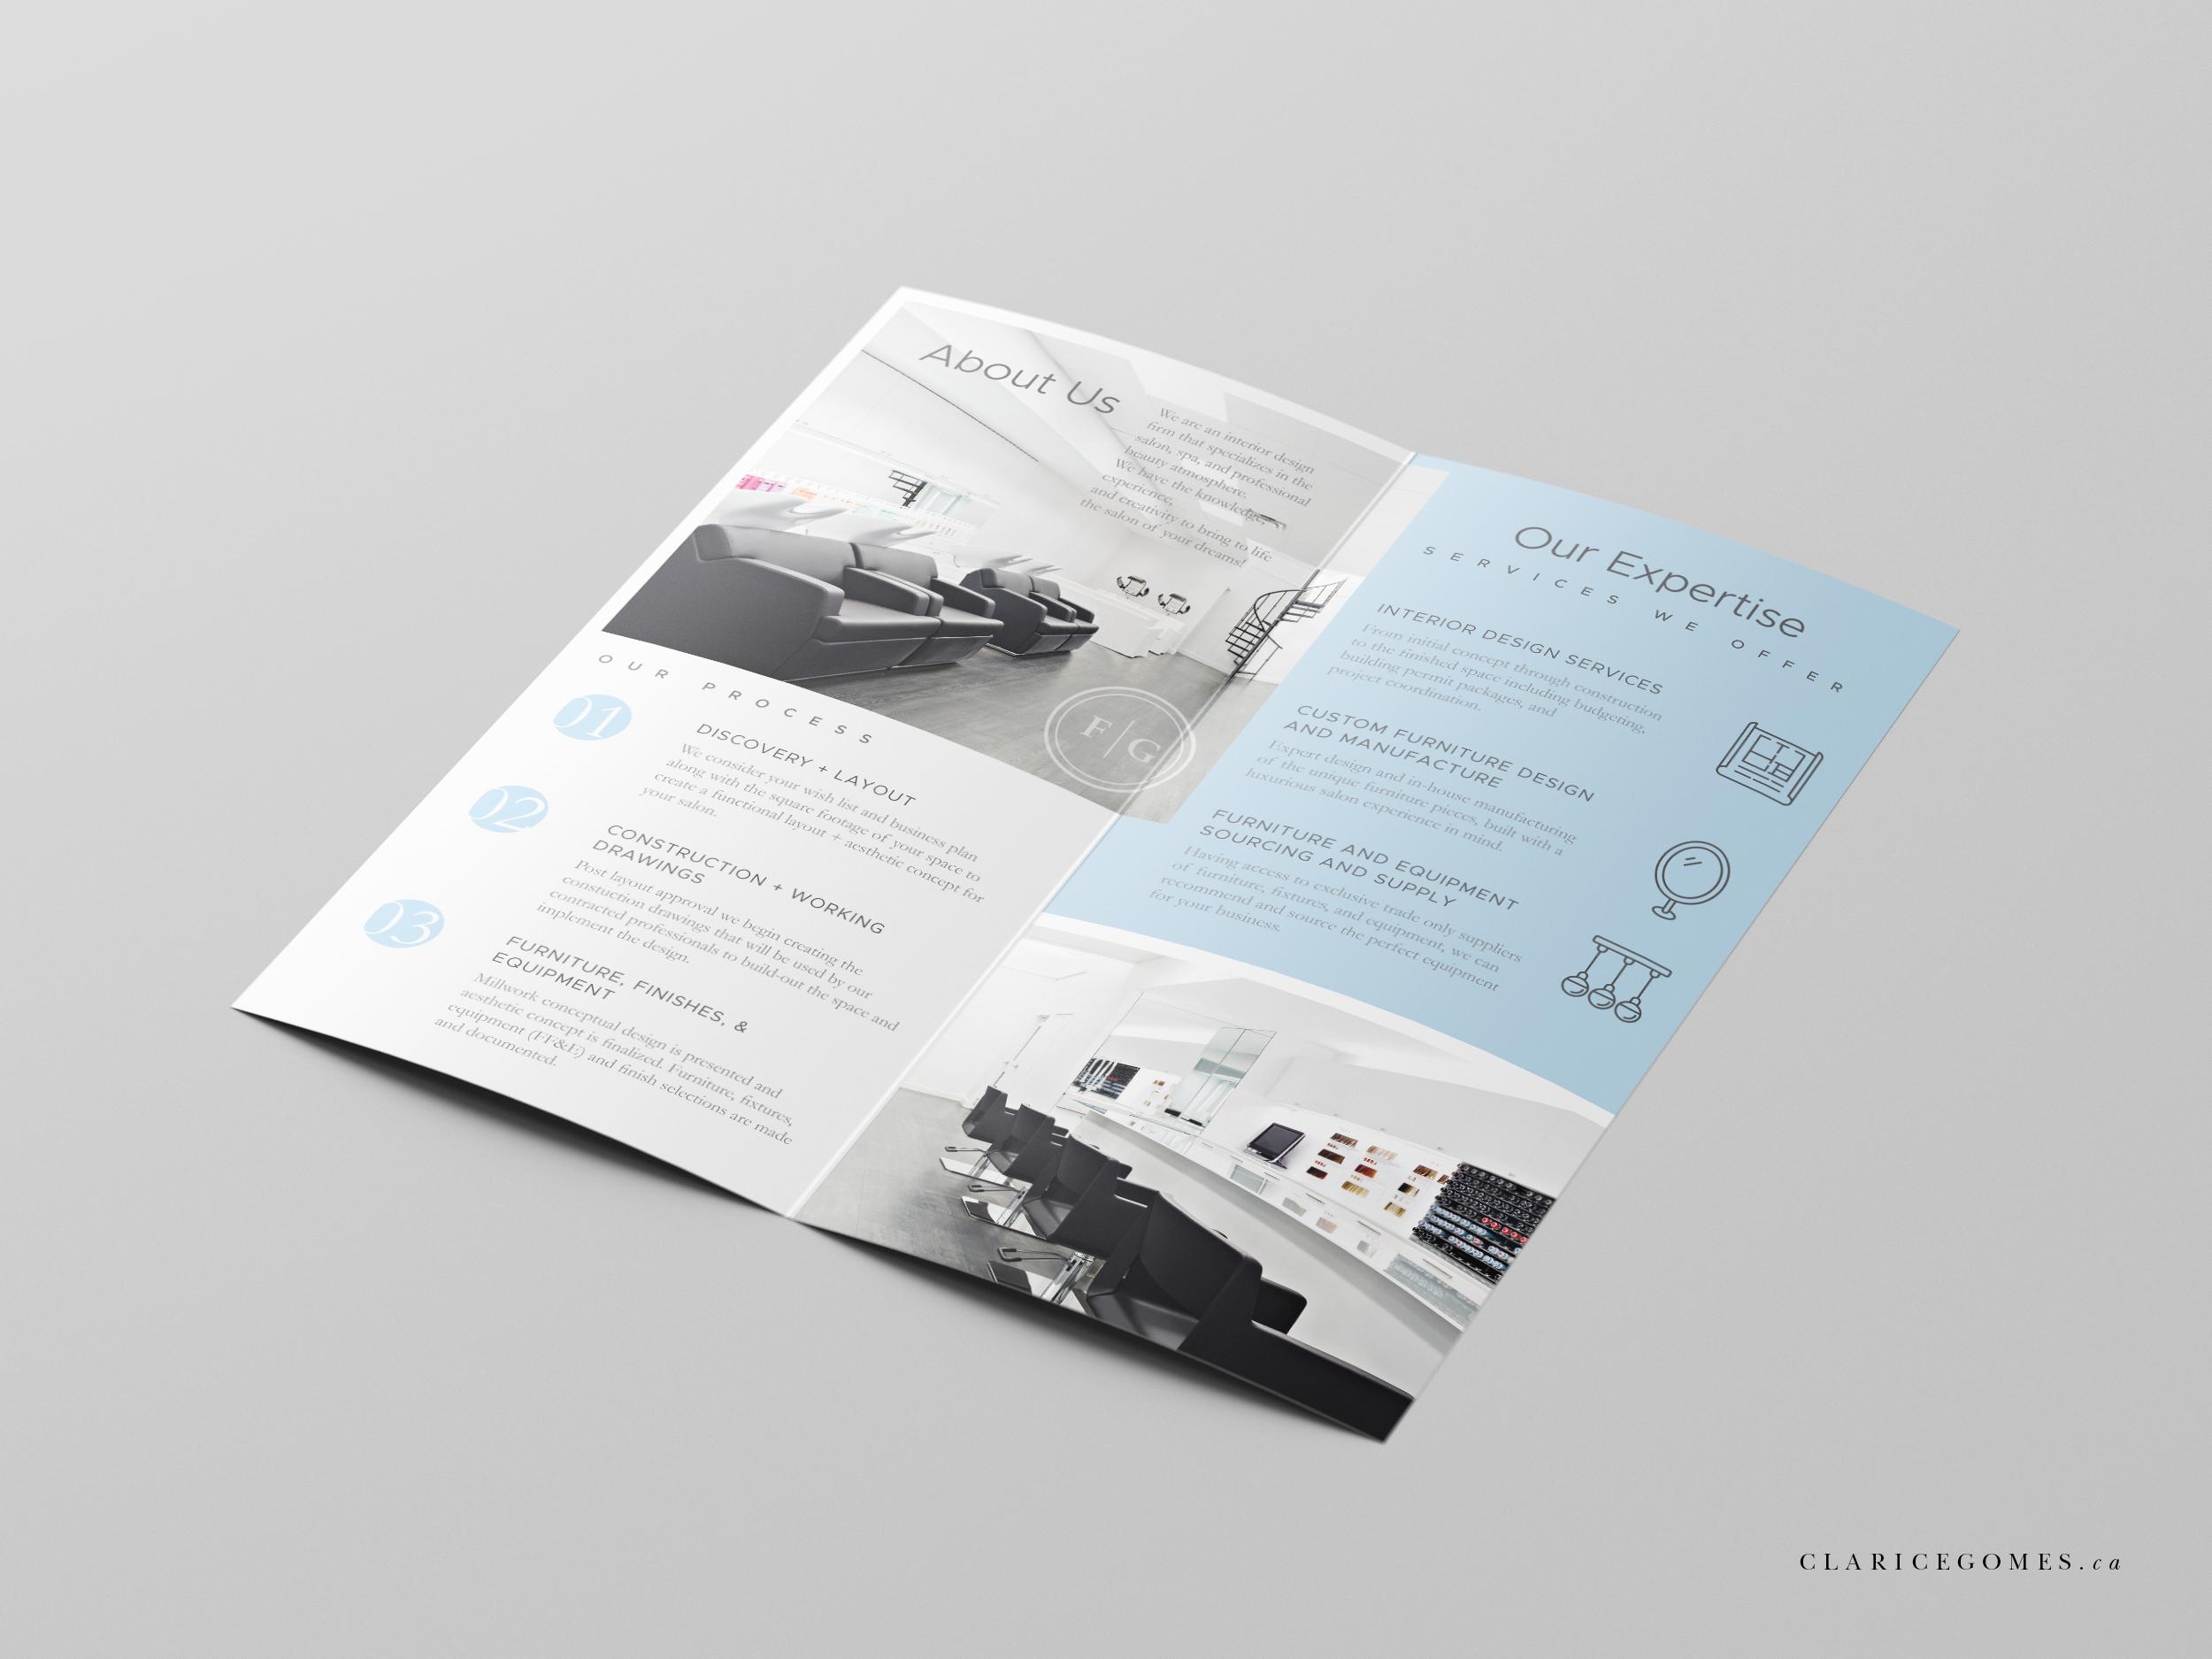 Fiore-Brochure-1-claricegomesdesigns